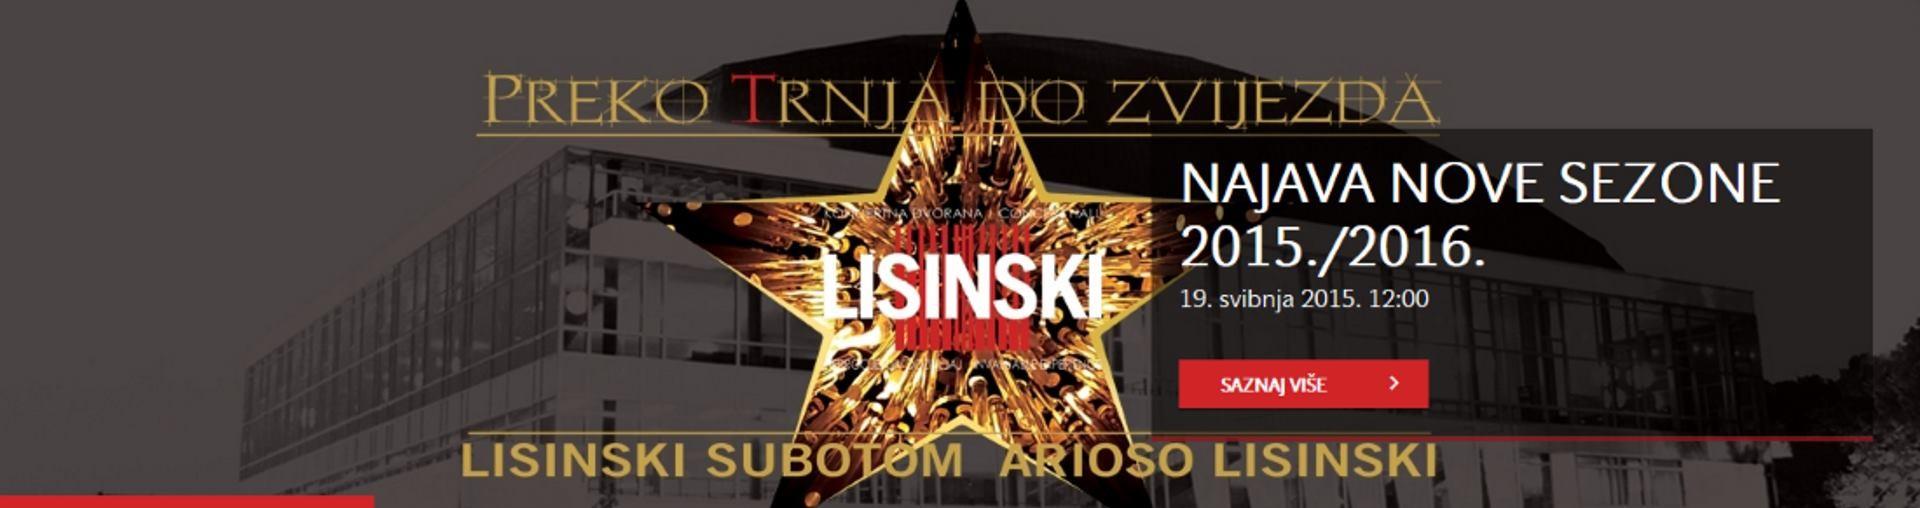 KD LISINSKI Dođite na koncerte u sklopu programa Lisinski Arioso